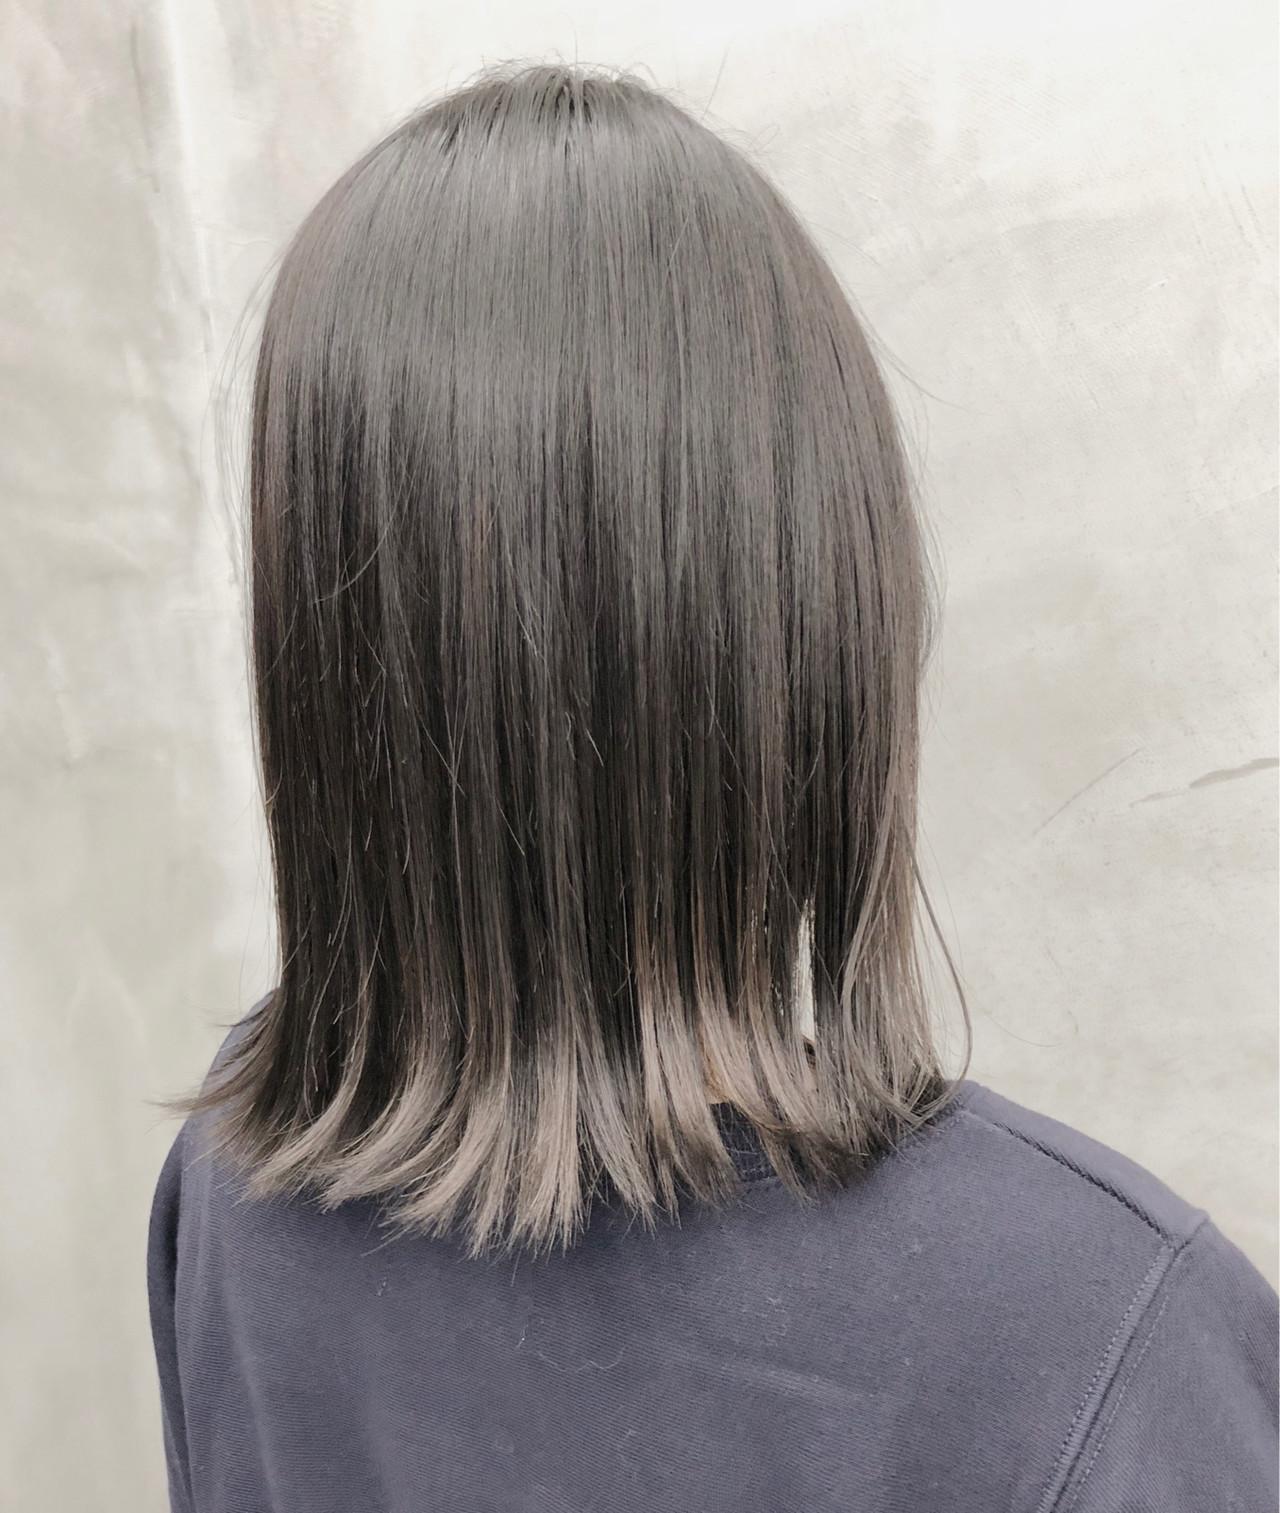 イルミナカラー ブリーチなし ブリーチ ナチュラル ヘアスタイルや髪型の写真・画像